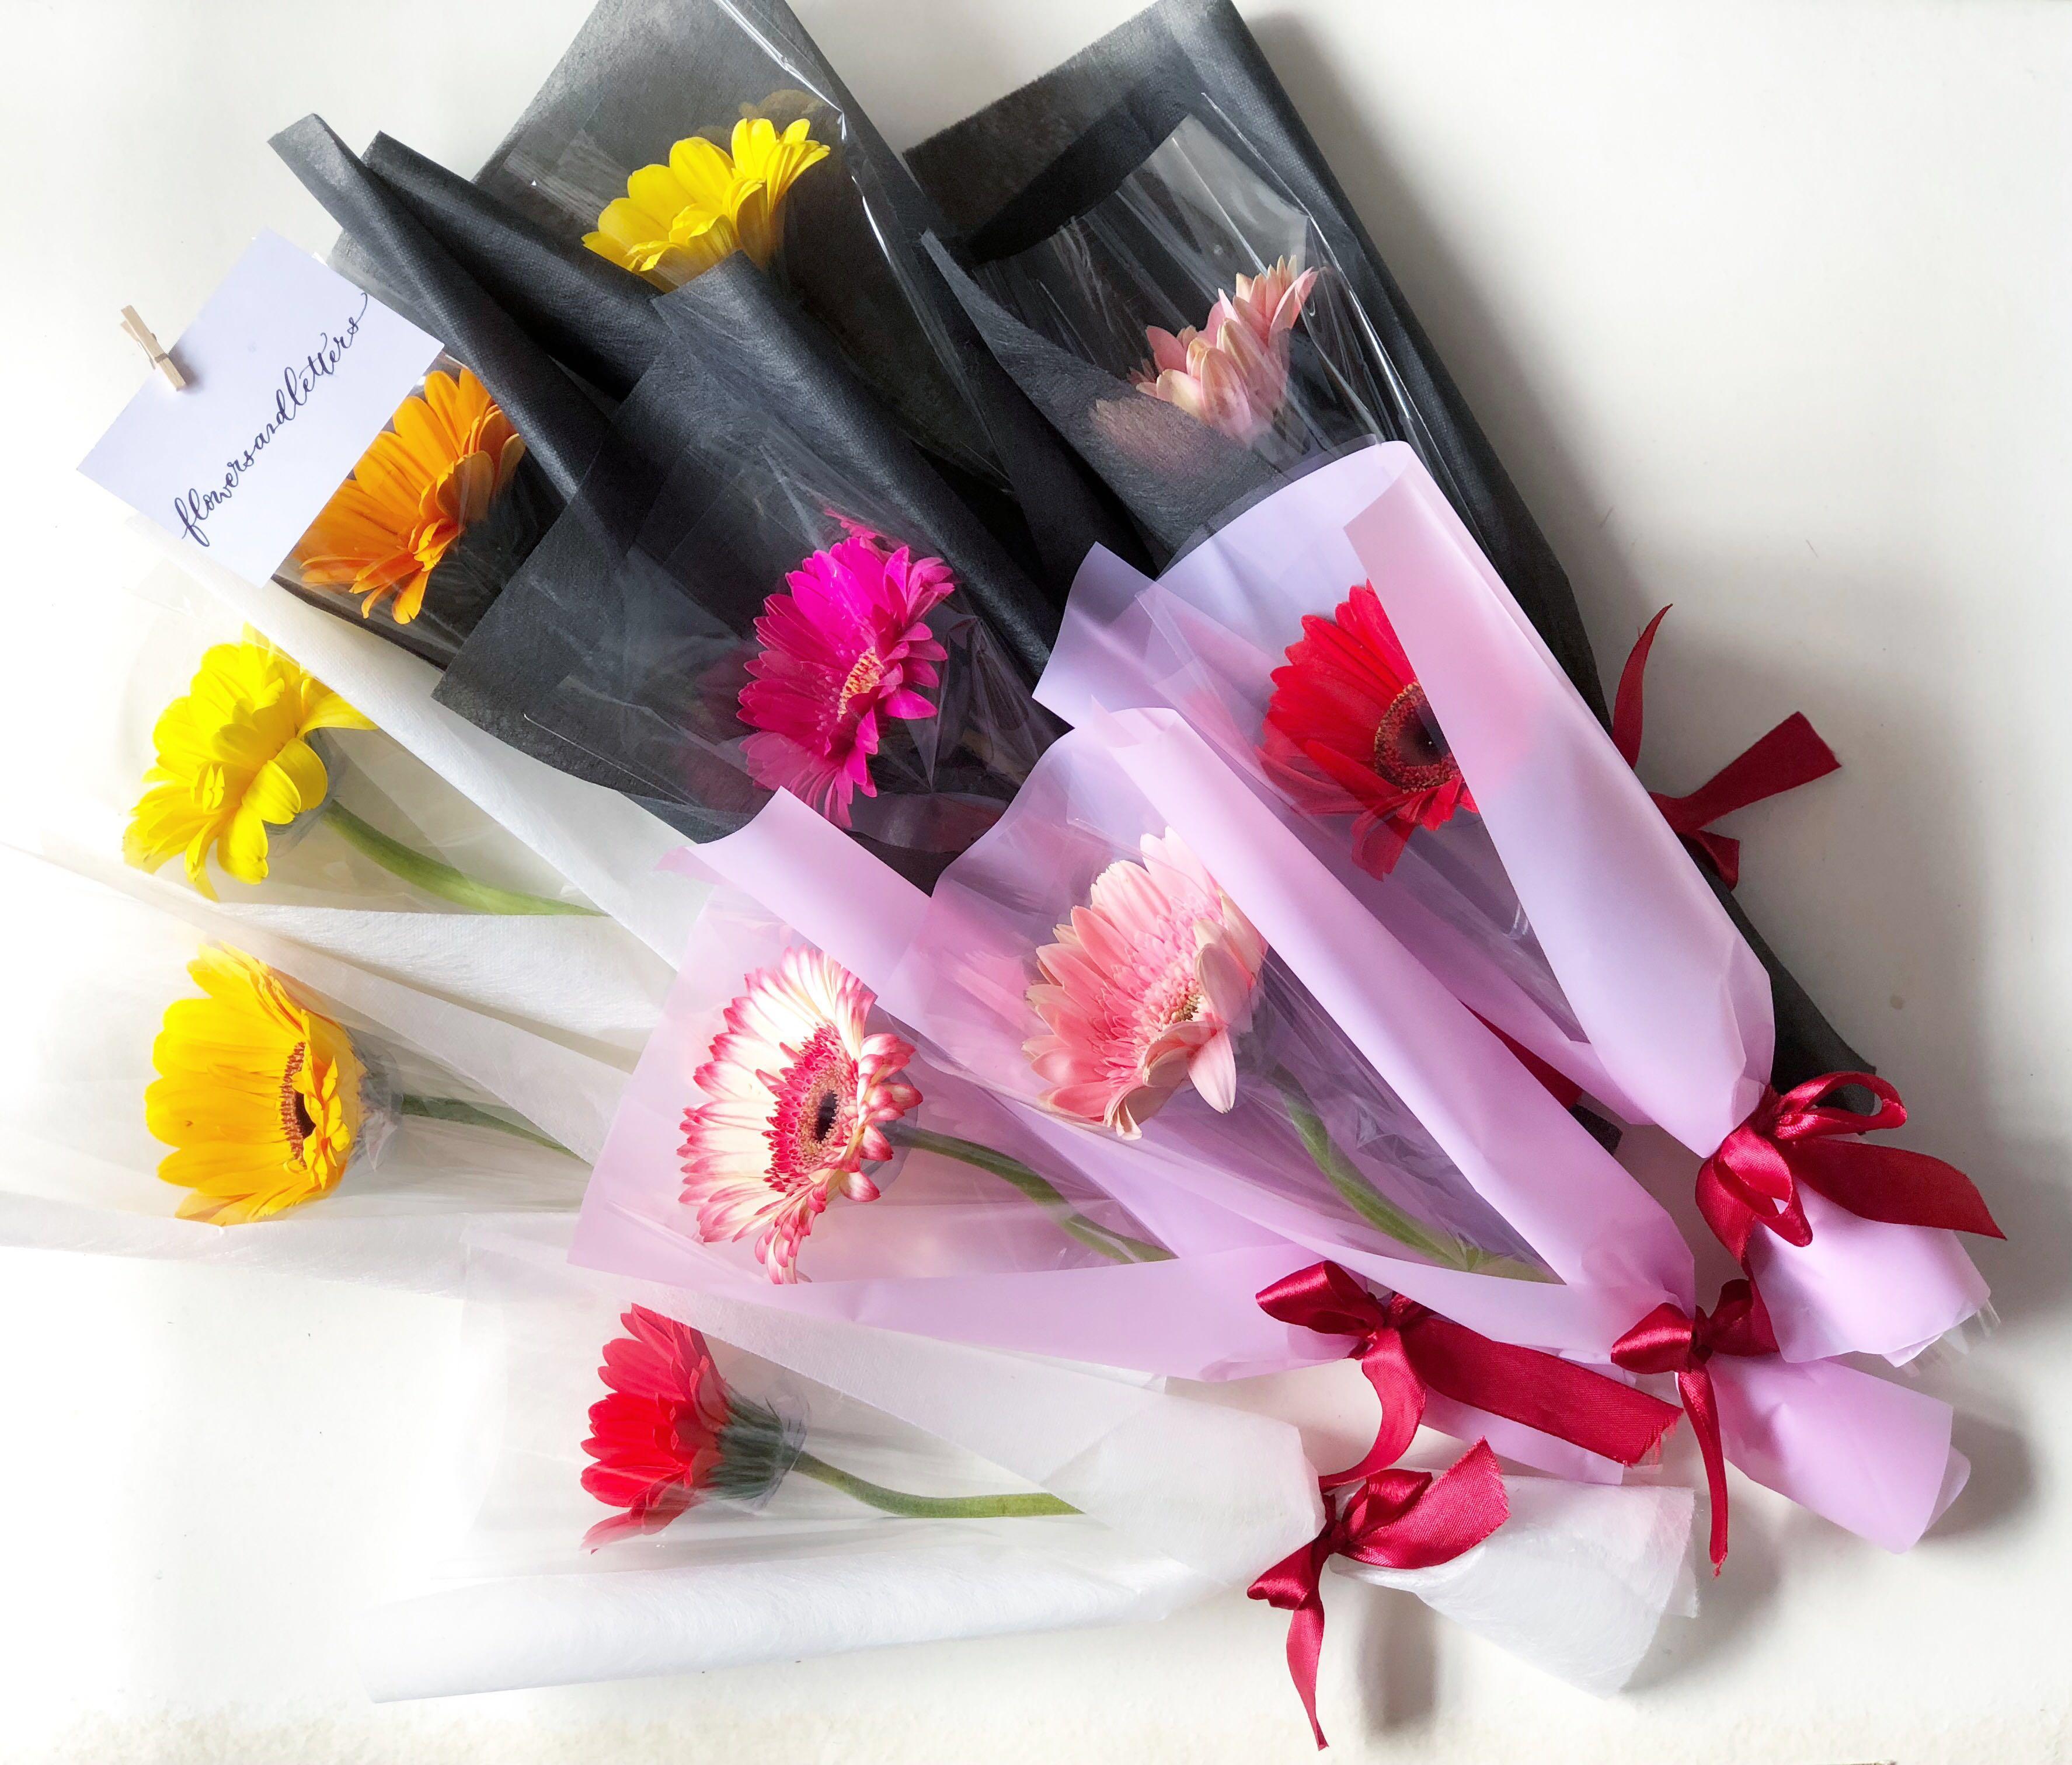 Gerbera daisy fresh flower bouquet real flowers single stalk or ...